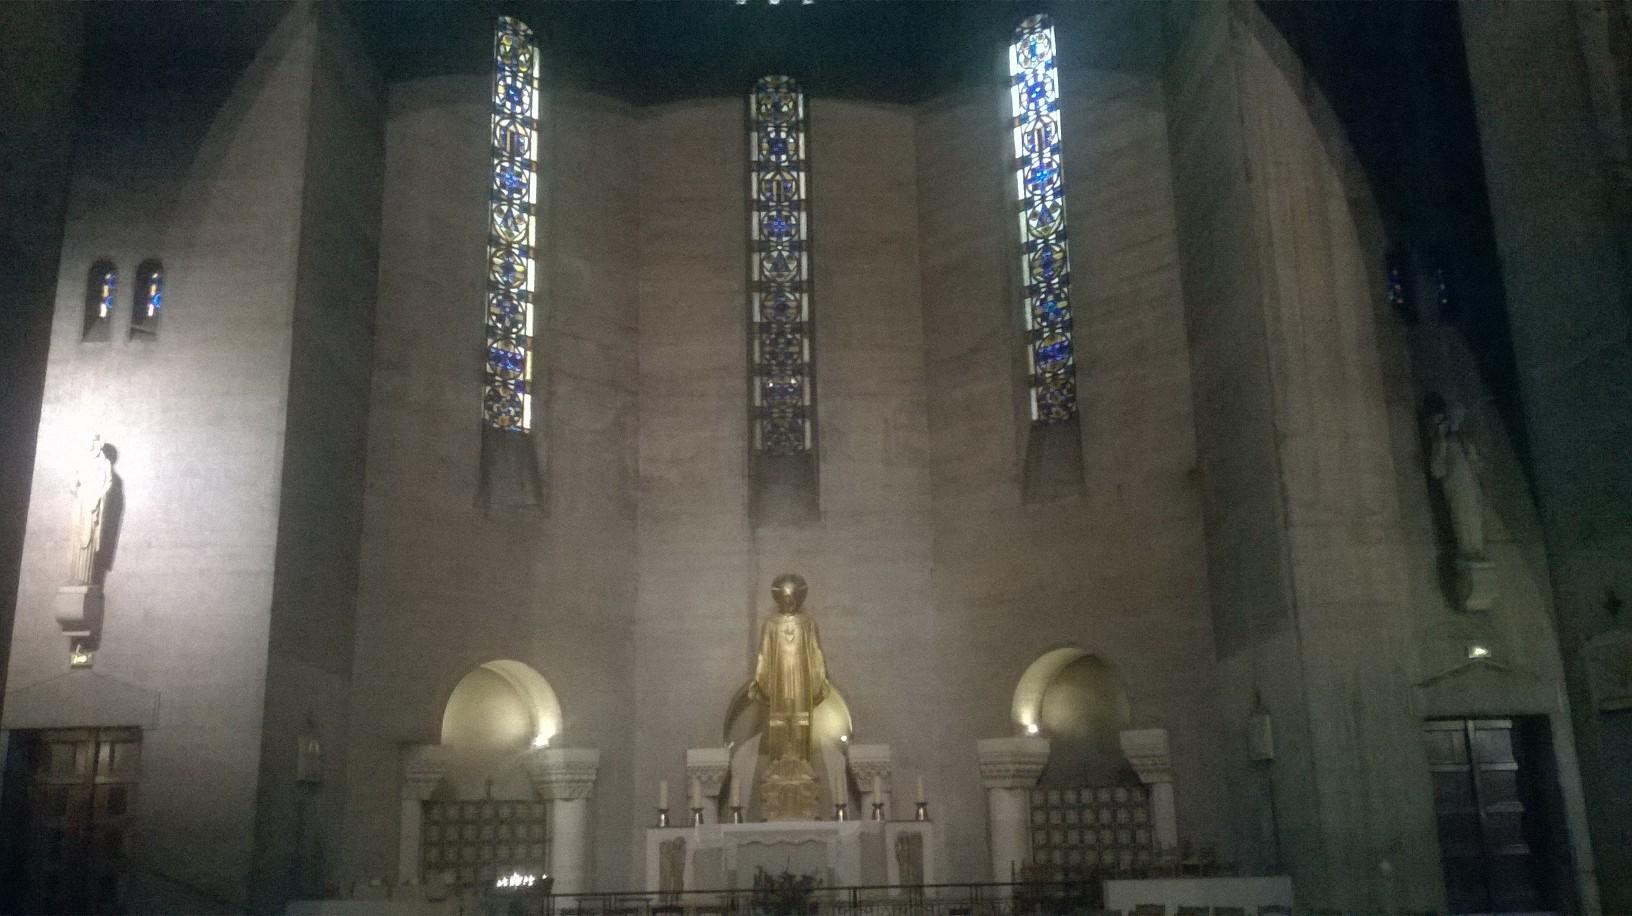 paris-ch-st-pierre-de-chaillot-chapel-christ-sep16